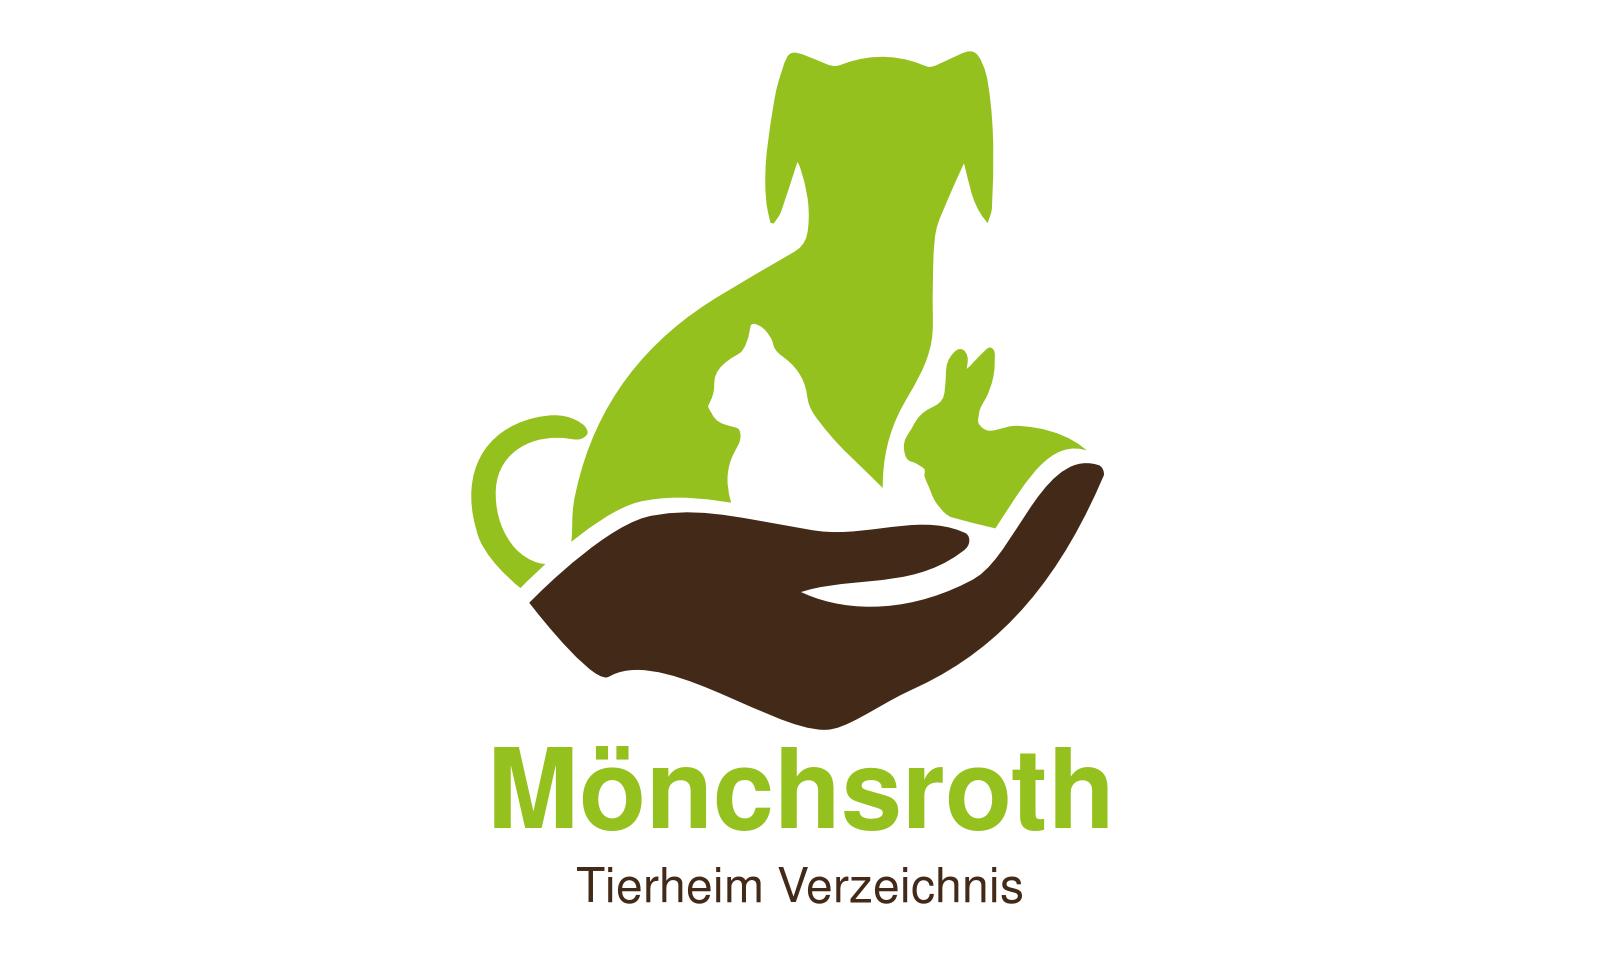 Tierheim Mönchsroth